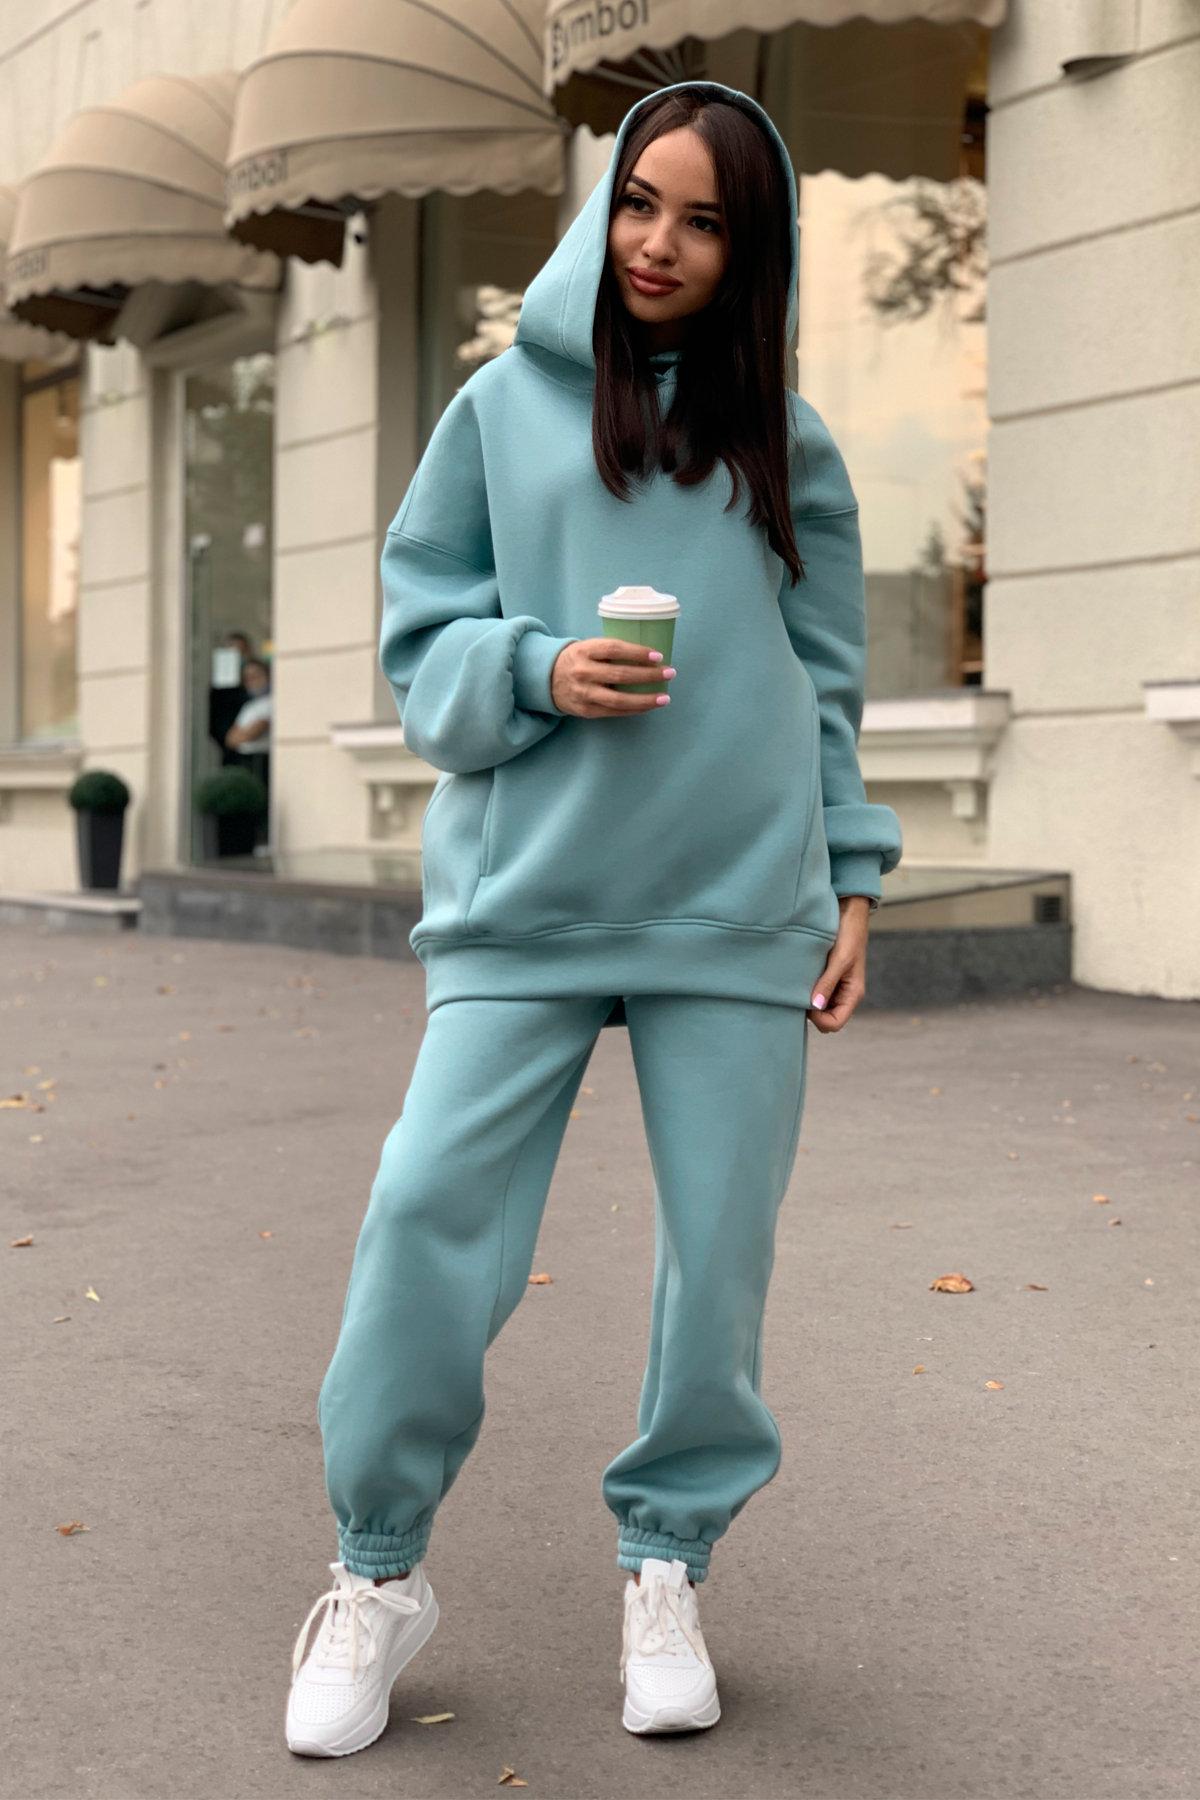 Марион костюм в  стиле Oversize  3х нитка 9651 АРТ. 45983 Цвет: Олива - фото 10, интернет магазин tm-modus.ru